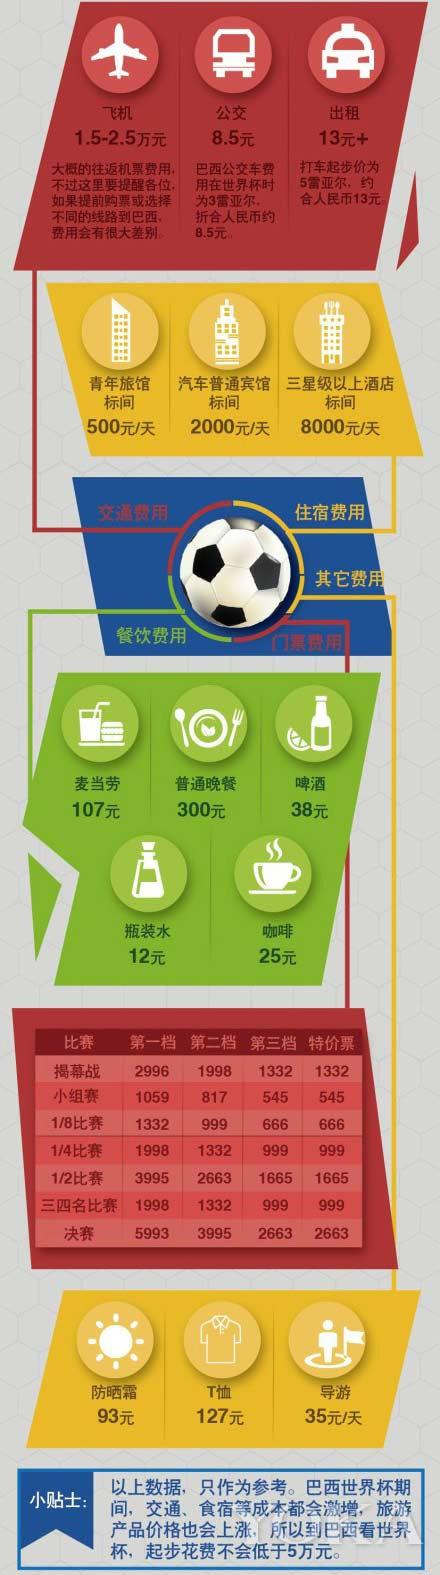 以世界杯为名的消费